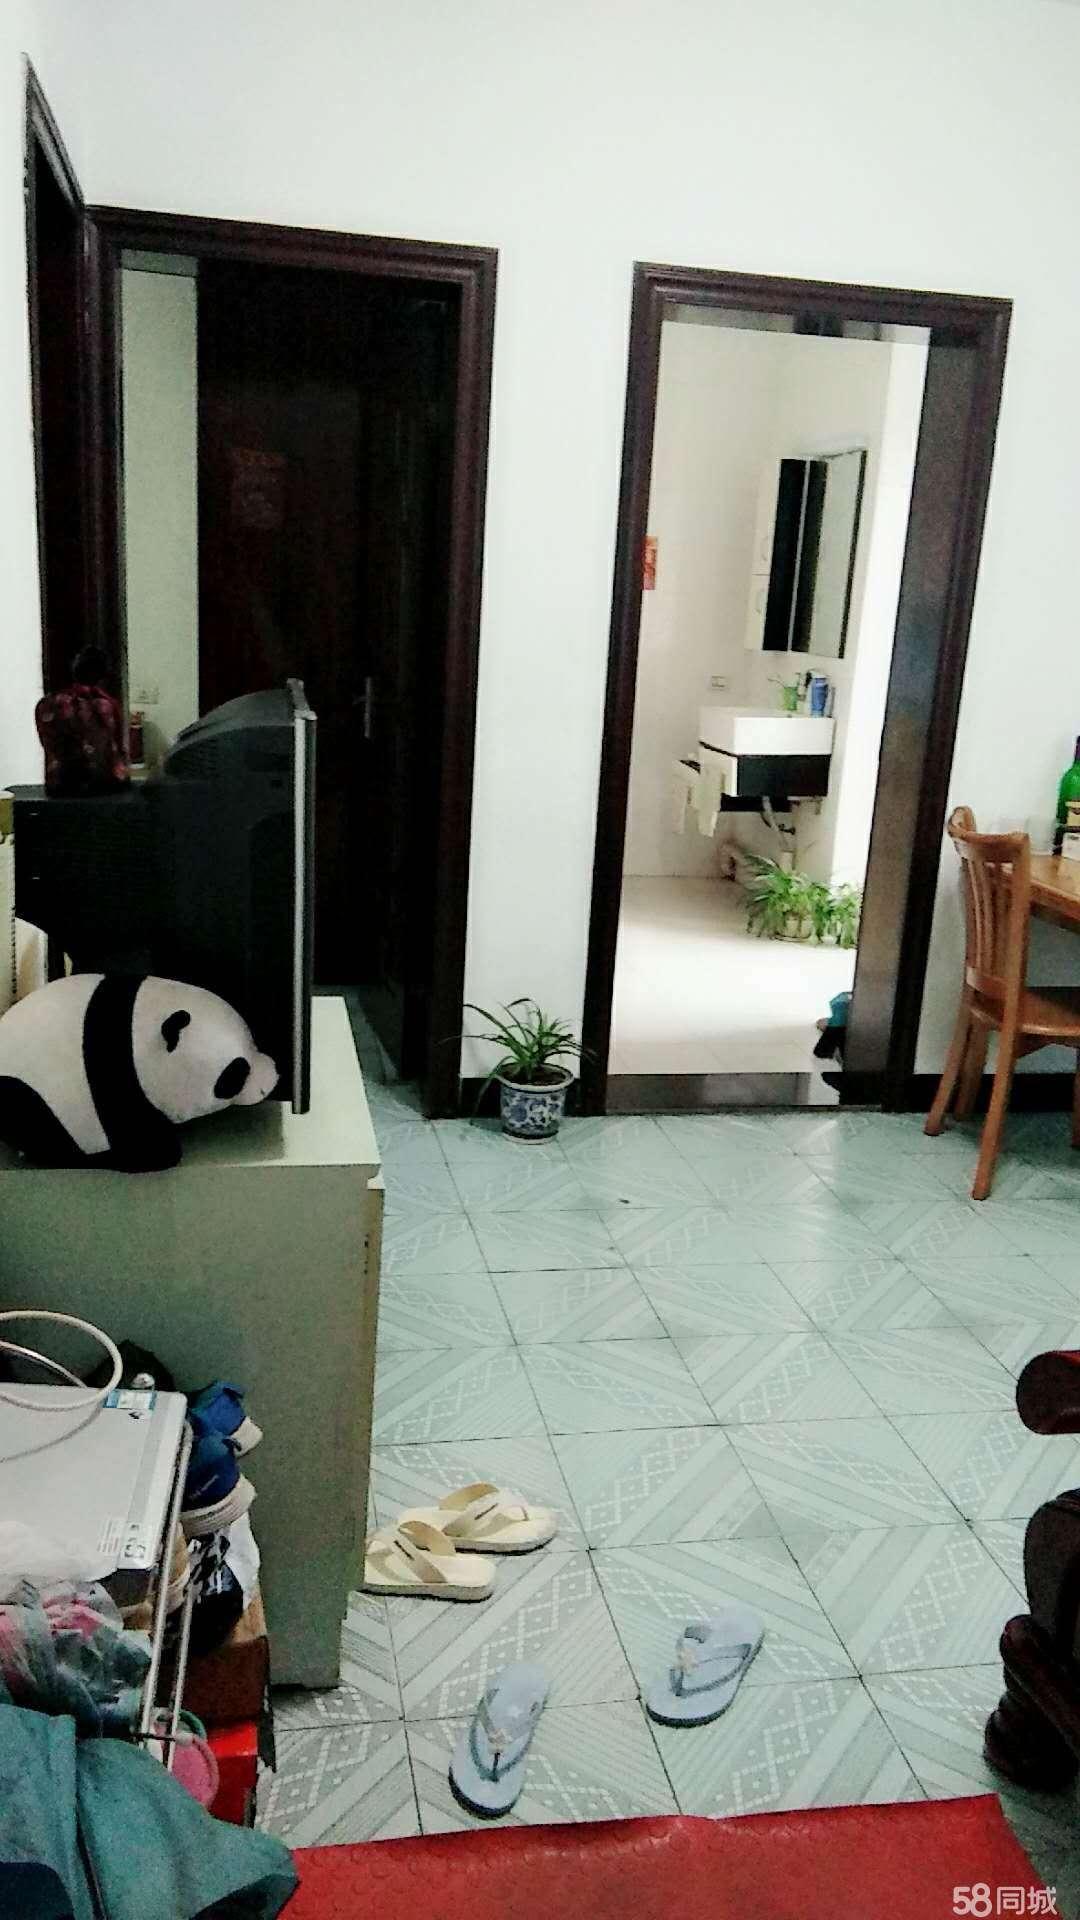 急售好房湘�|萍�新建村20��2室2室2�d1�l60平米